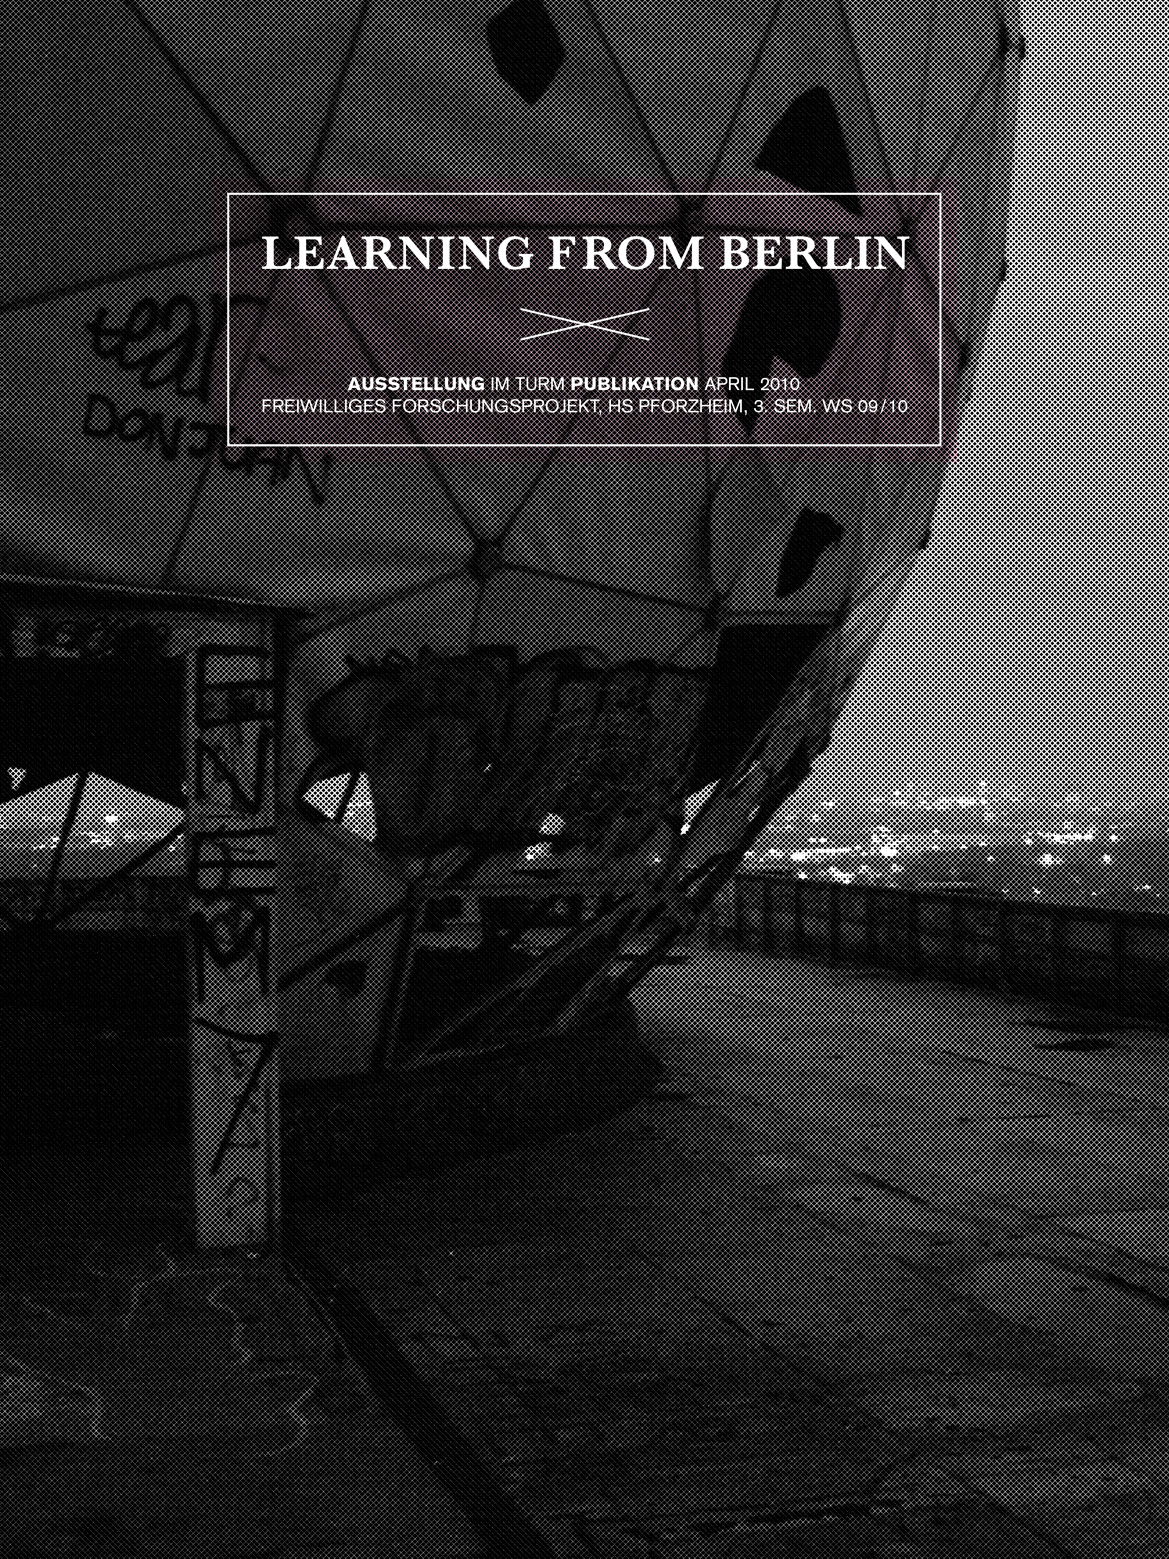 Urban-Manegold-Learning-from-Berlin-Design-Prozess-Magazin-Ausstellung-Plakat-SocialStudies-Gentrifikation-LFB-plakat3